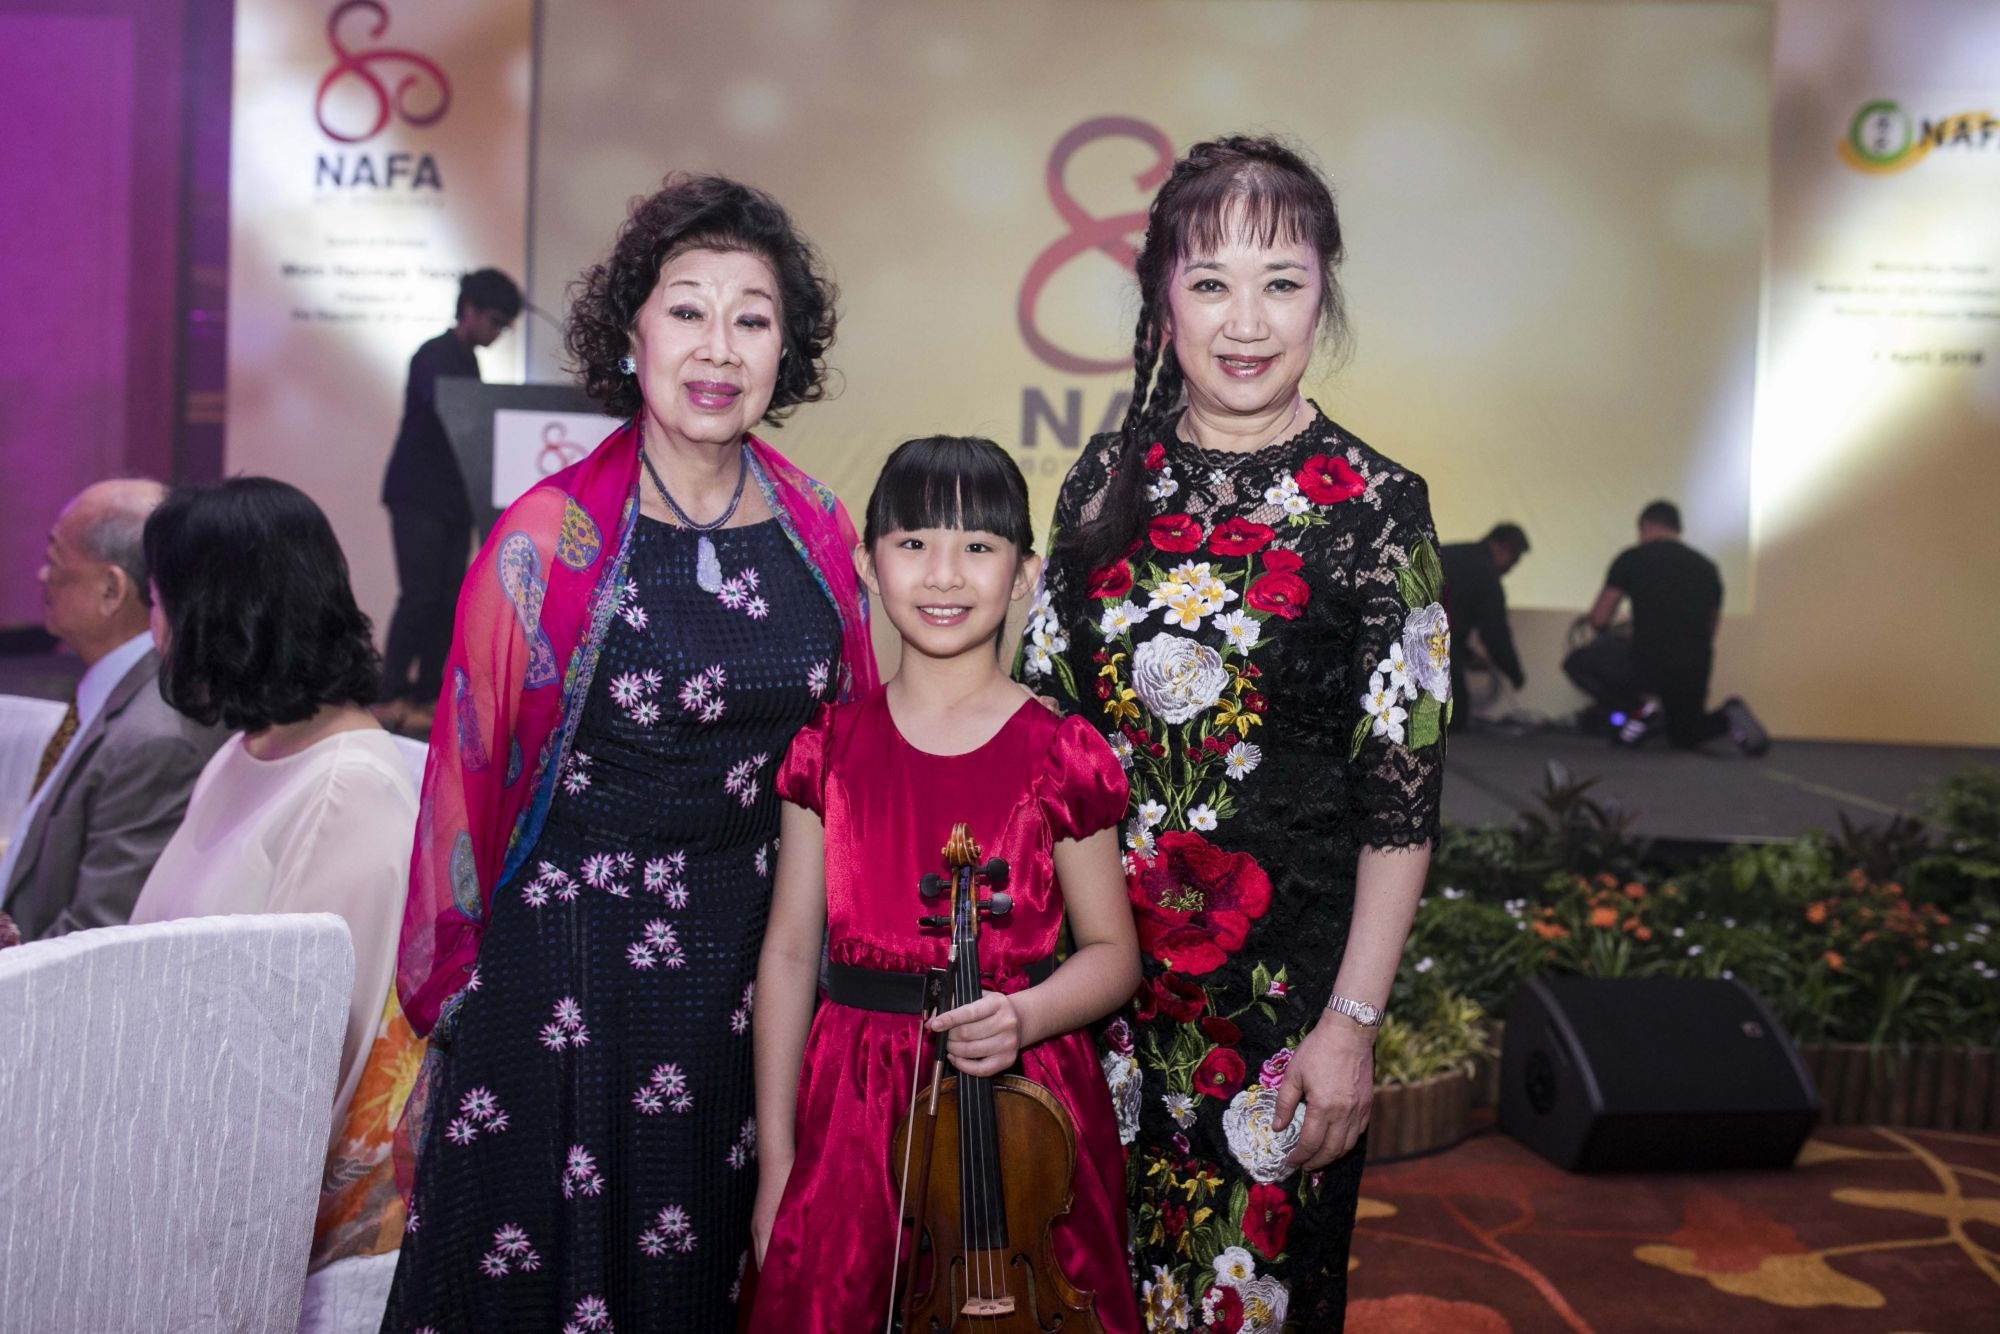 Tan Choo Leng, Chloe Chua, Fang Yuan